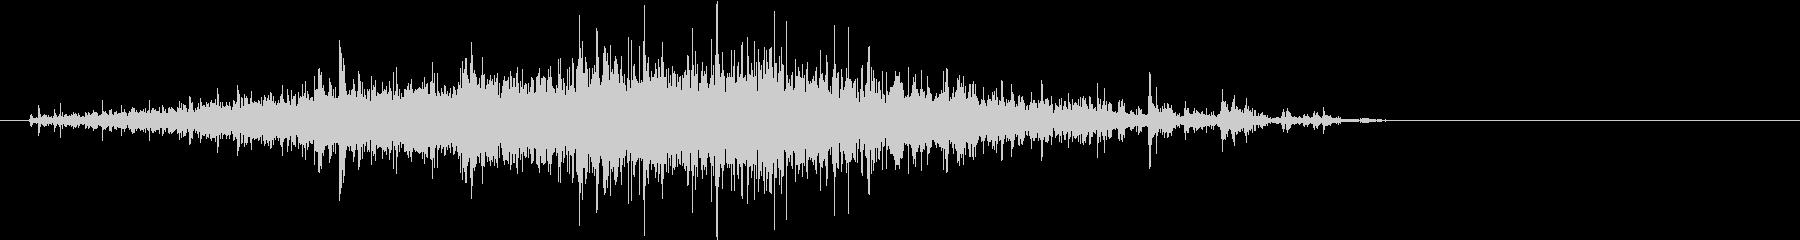 【生録音】米粒(生米)を取り出す音 1の未再生の波形